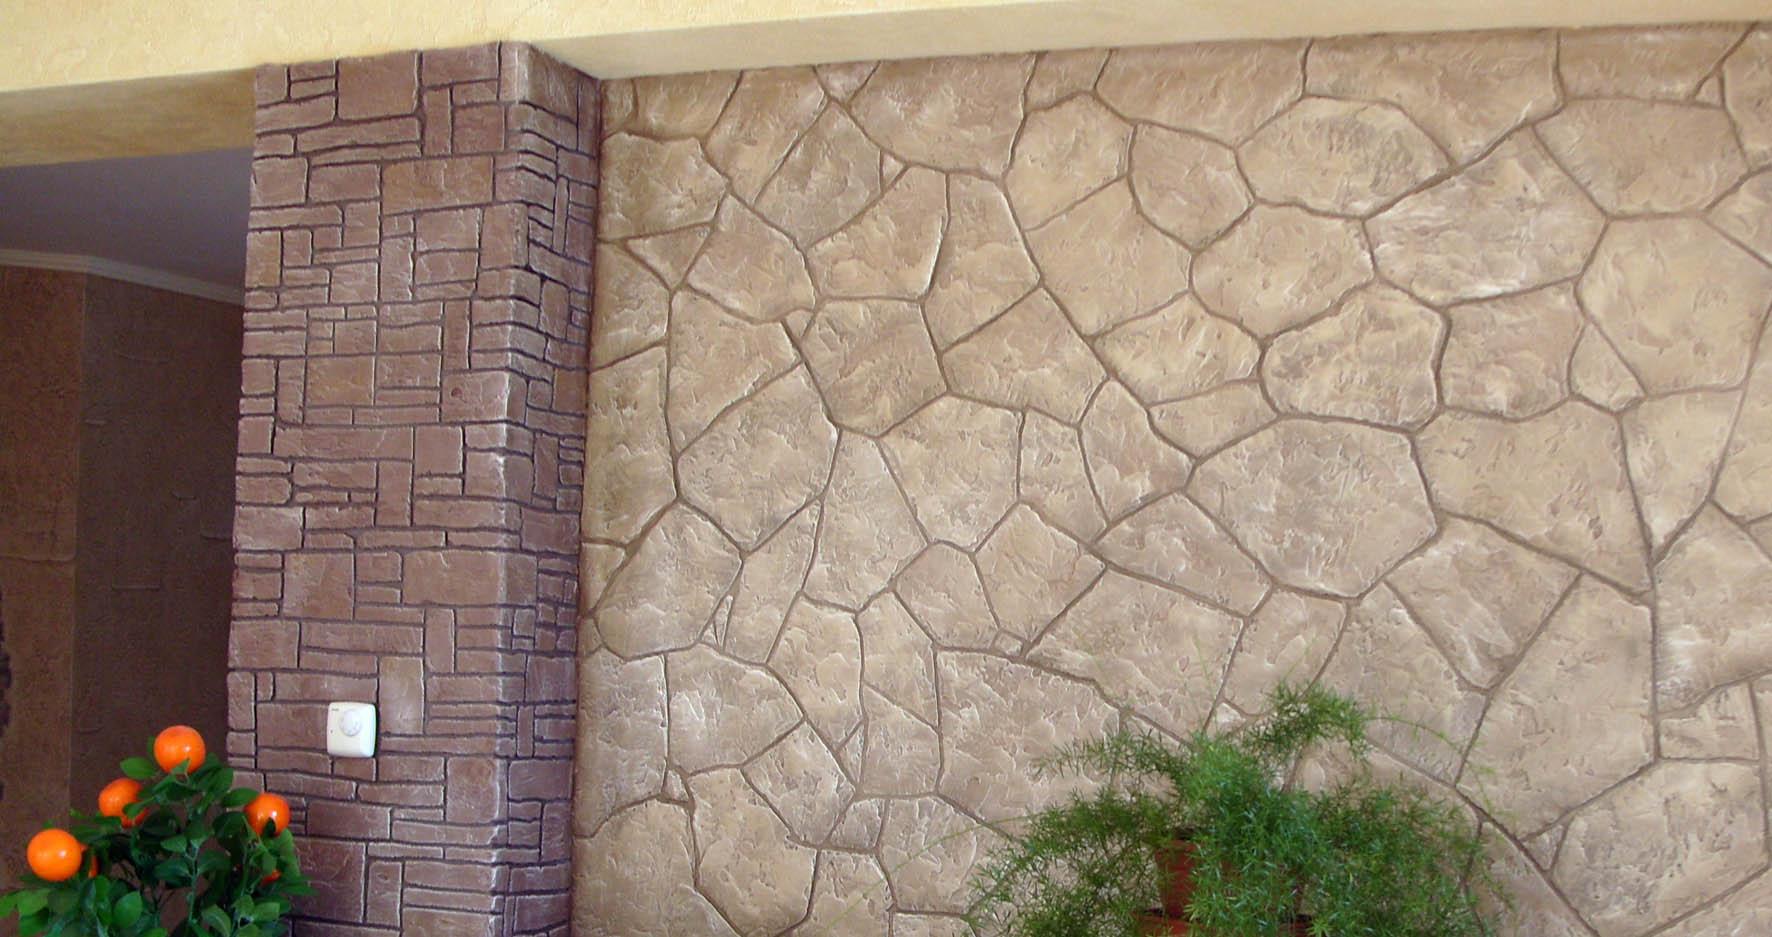 Штукатурка под камень: технология изготовления штукатурки на фасаде под камень